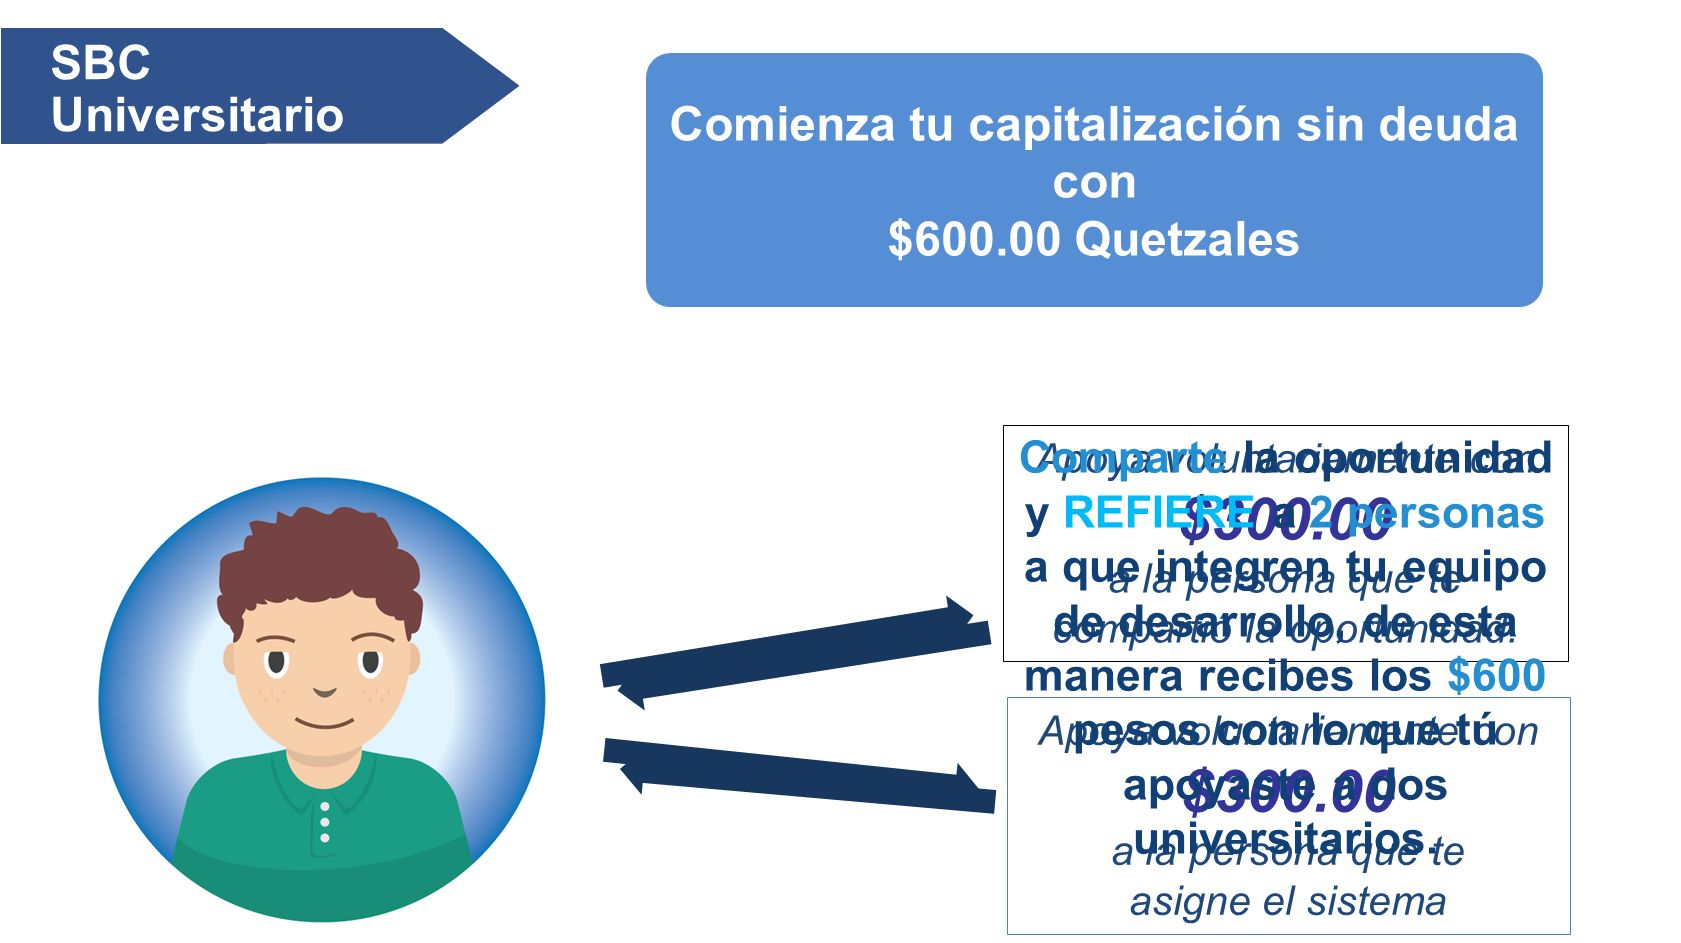 SBC Universitario Comienza tu capitalización sin deuda con $600.00 Quetzales Apoya voluntariamente con $300.00 a la persona que te compartió la oportu